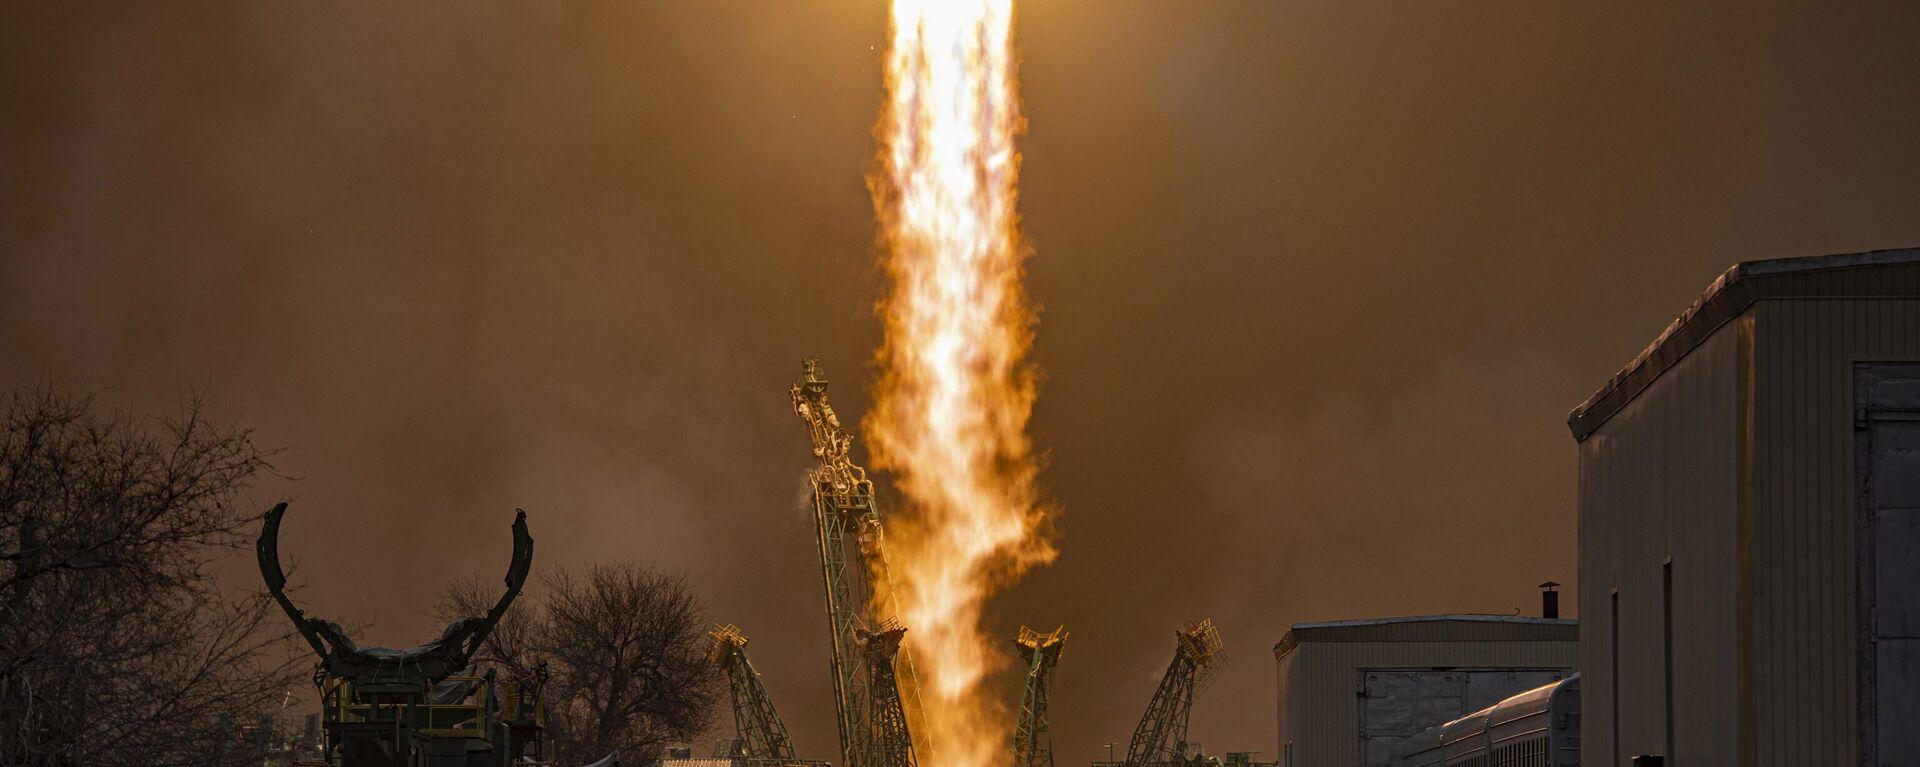 Lanzamiento del cohete portador Soyuz-2-1a con la nave de carga Progress MS-16 - Sputnik Mundo, 1920, 21.08.2021